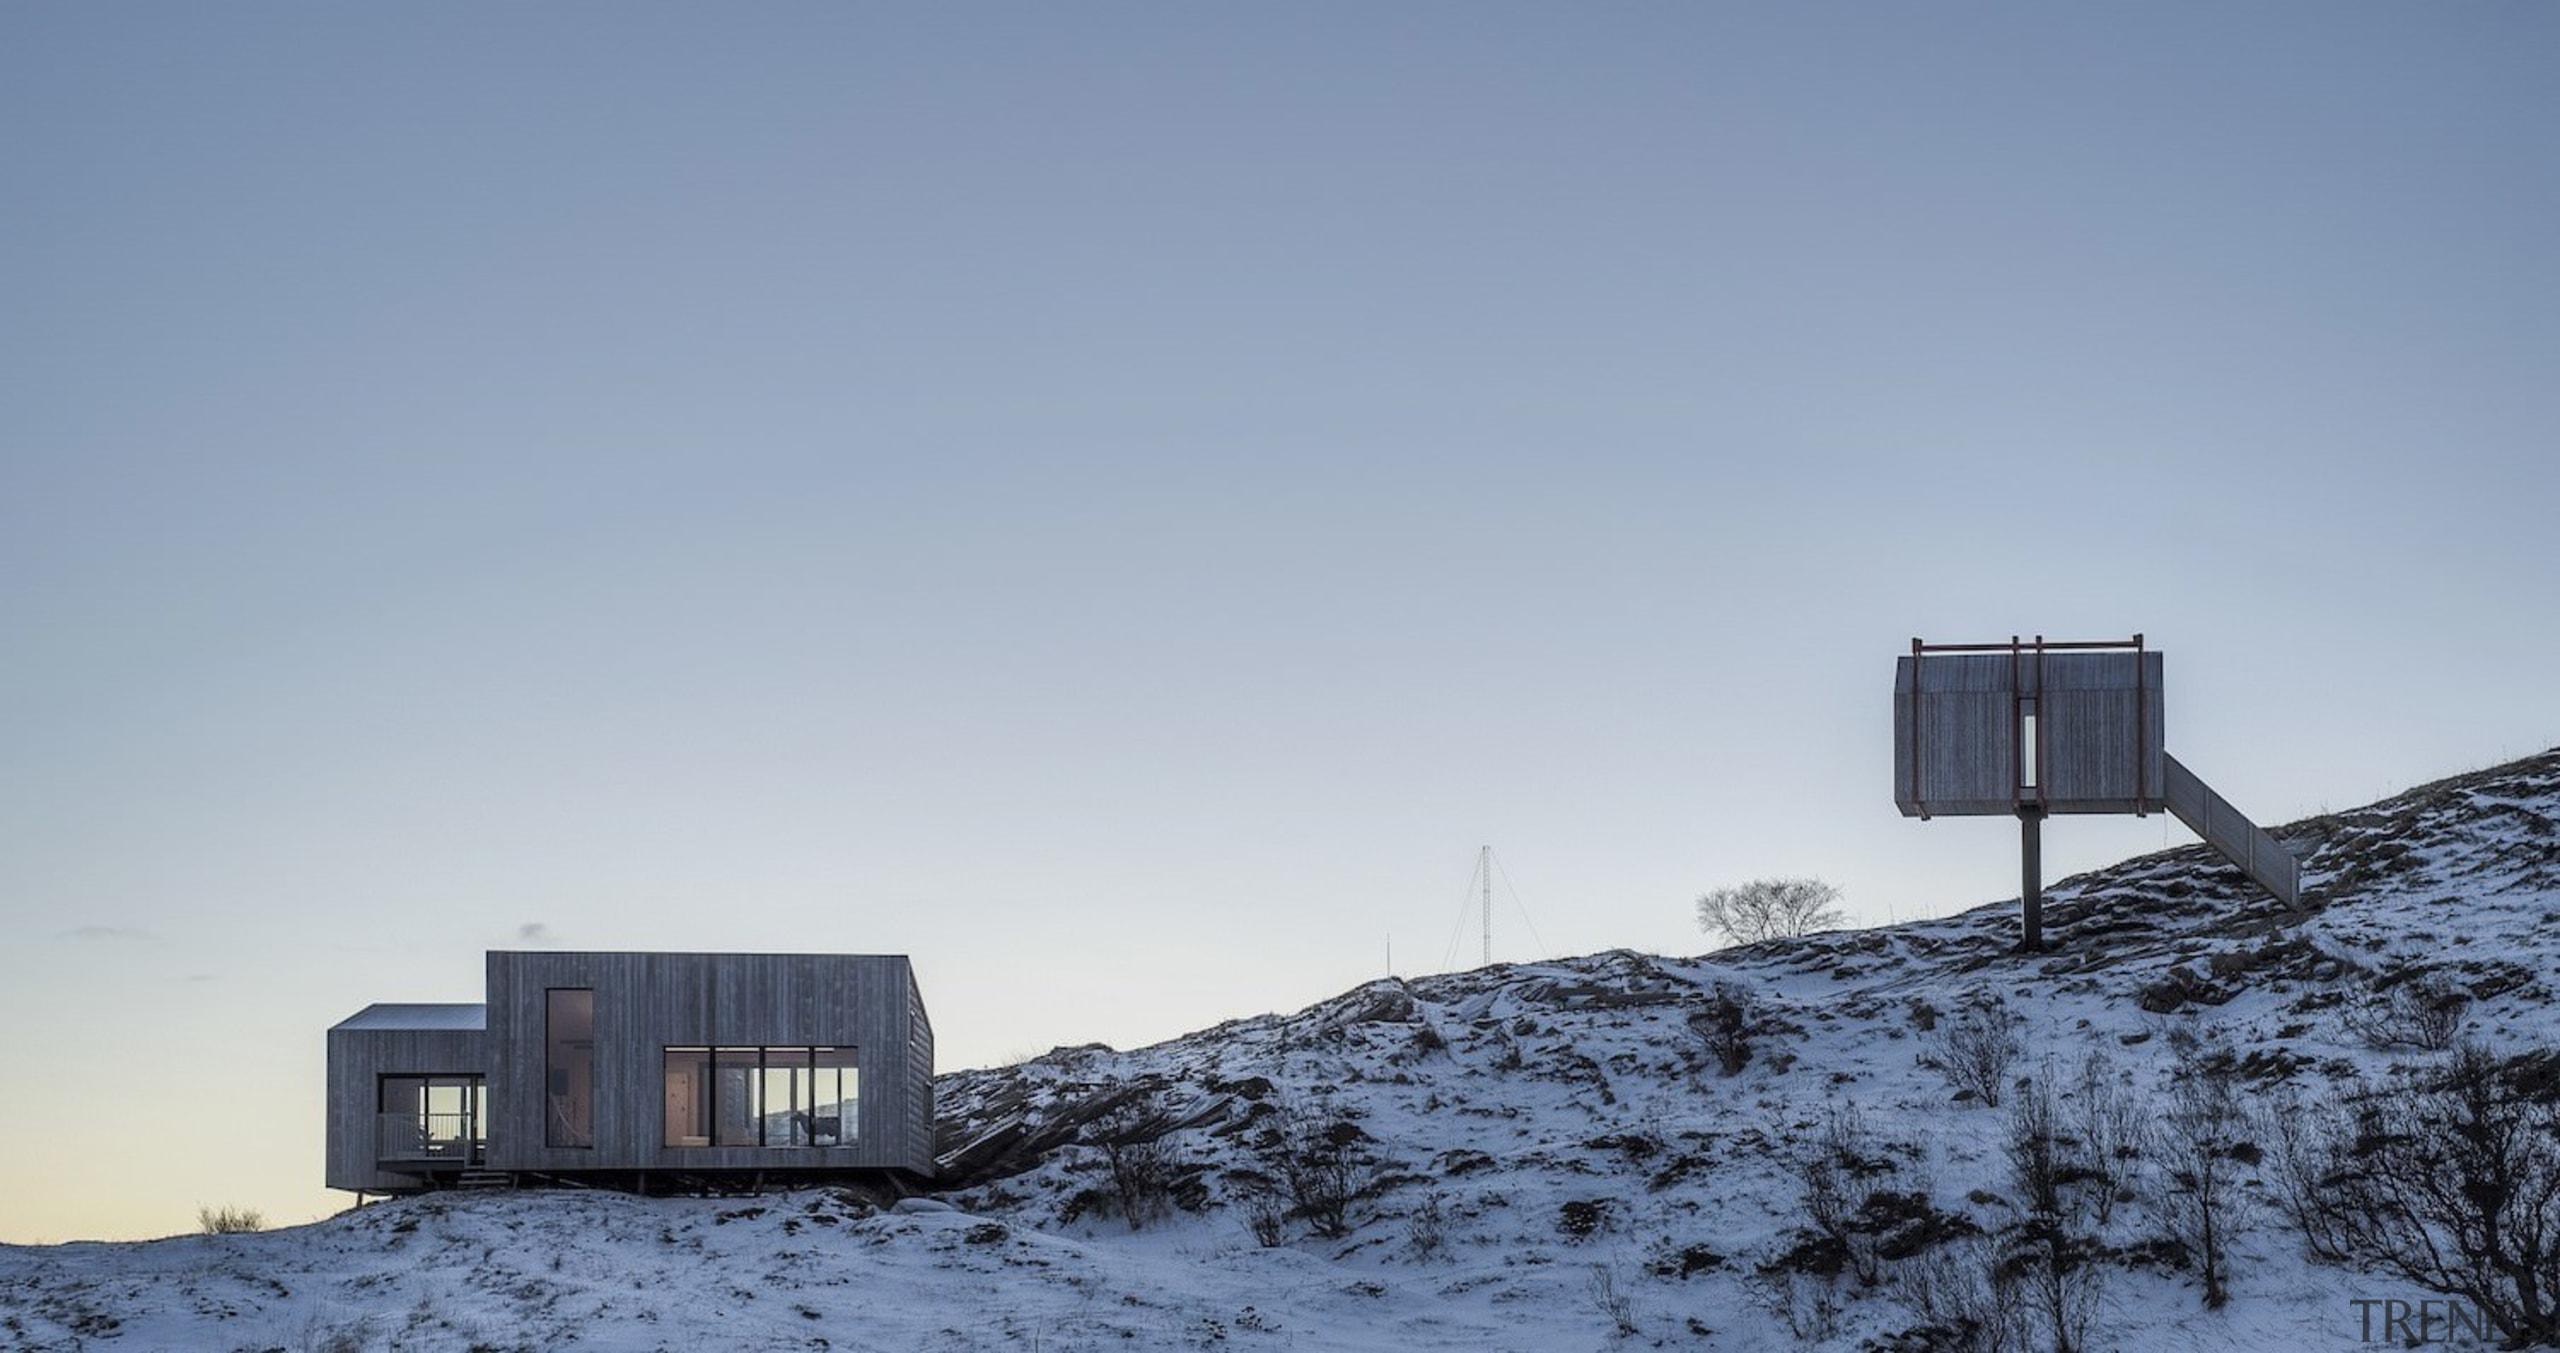 Architect: TYIN tegnestue ArchitectsPhotographer: Pasi Aalto / architecture, arctic, building, freezing, house, mountain, mountain range, sky, snow, winter, gray